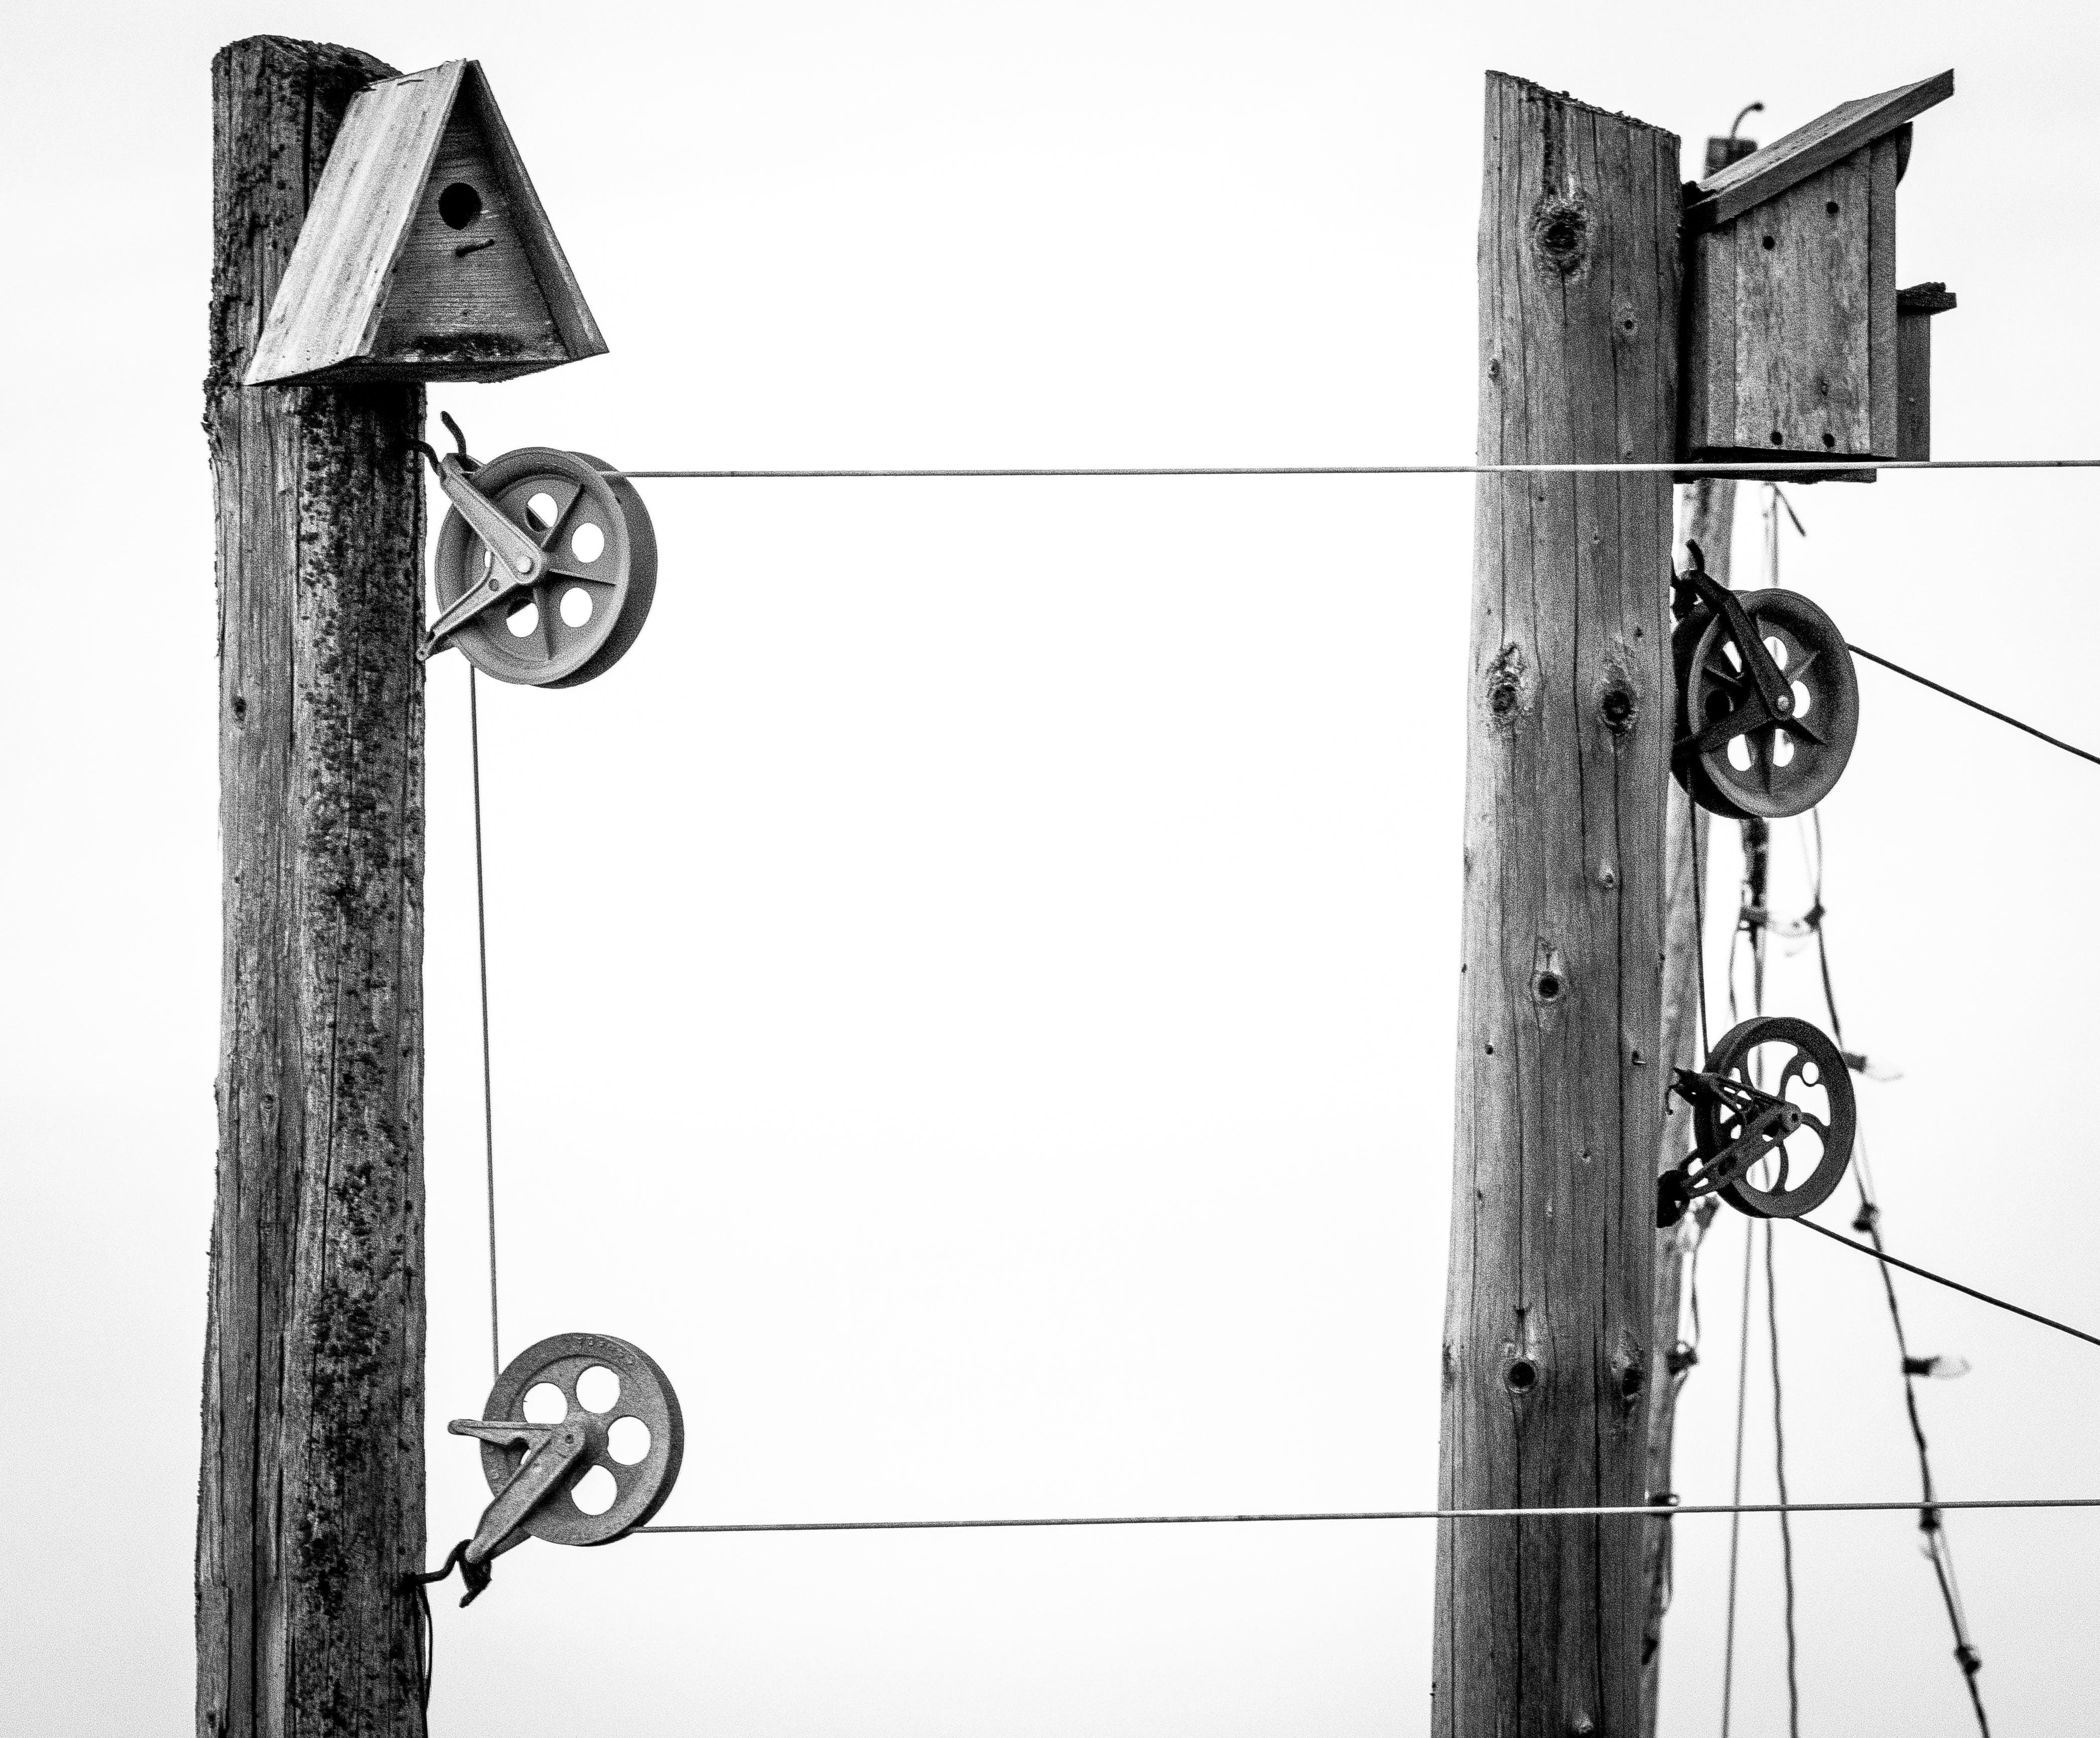 Free stock photo of b&w, birdhouse, clothesline